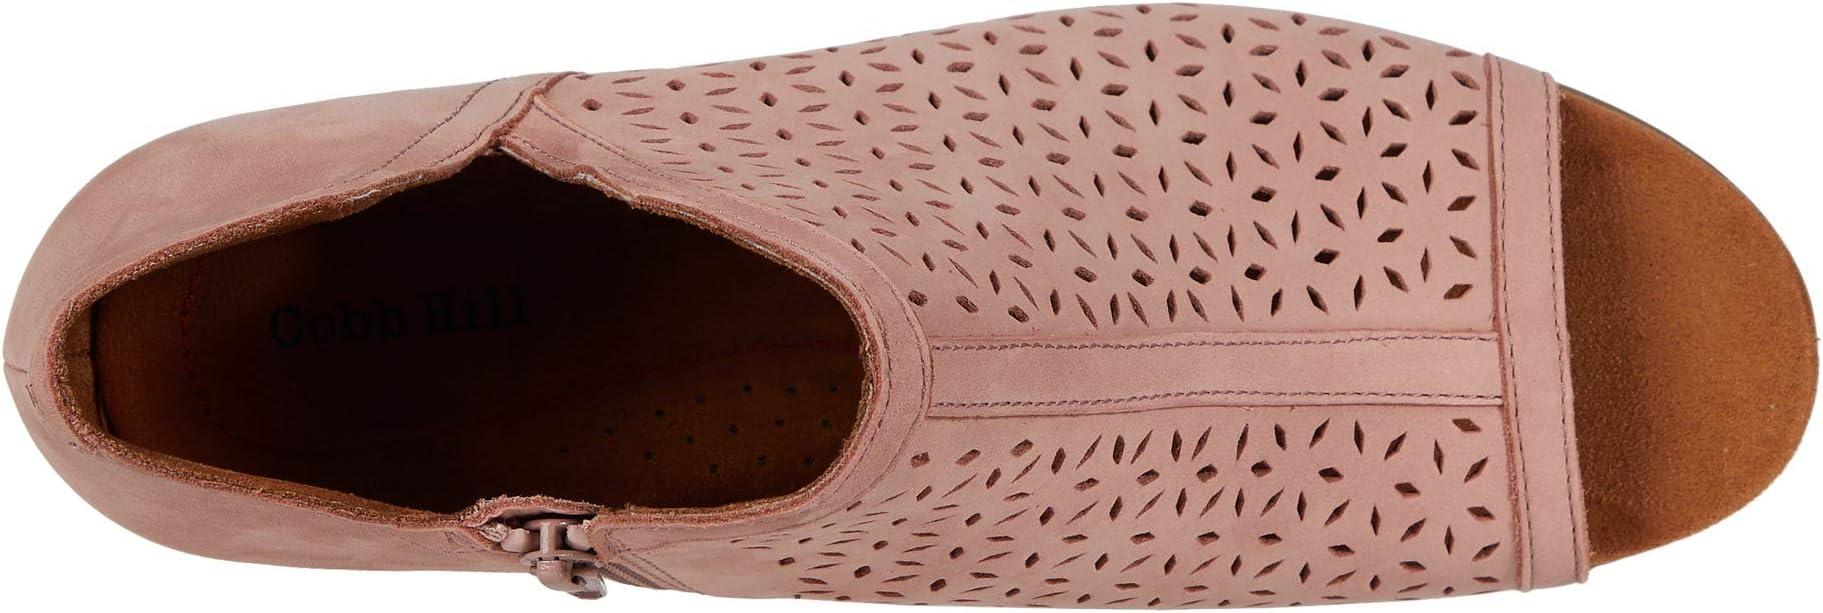 Cobb Hill Laurel Open Boot   Women's shoes   2020 Newest